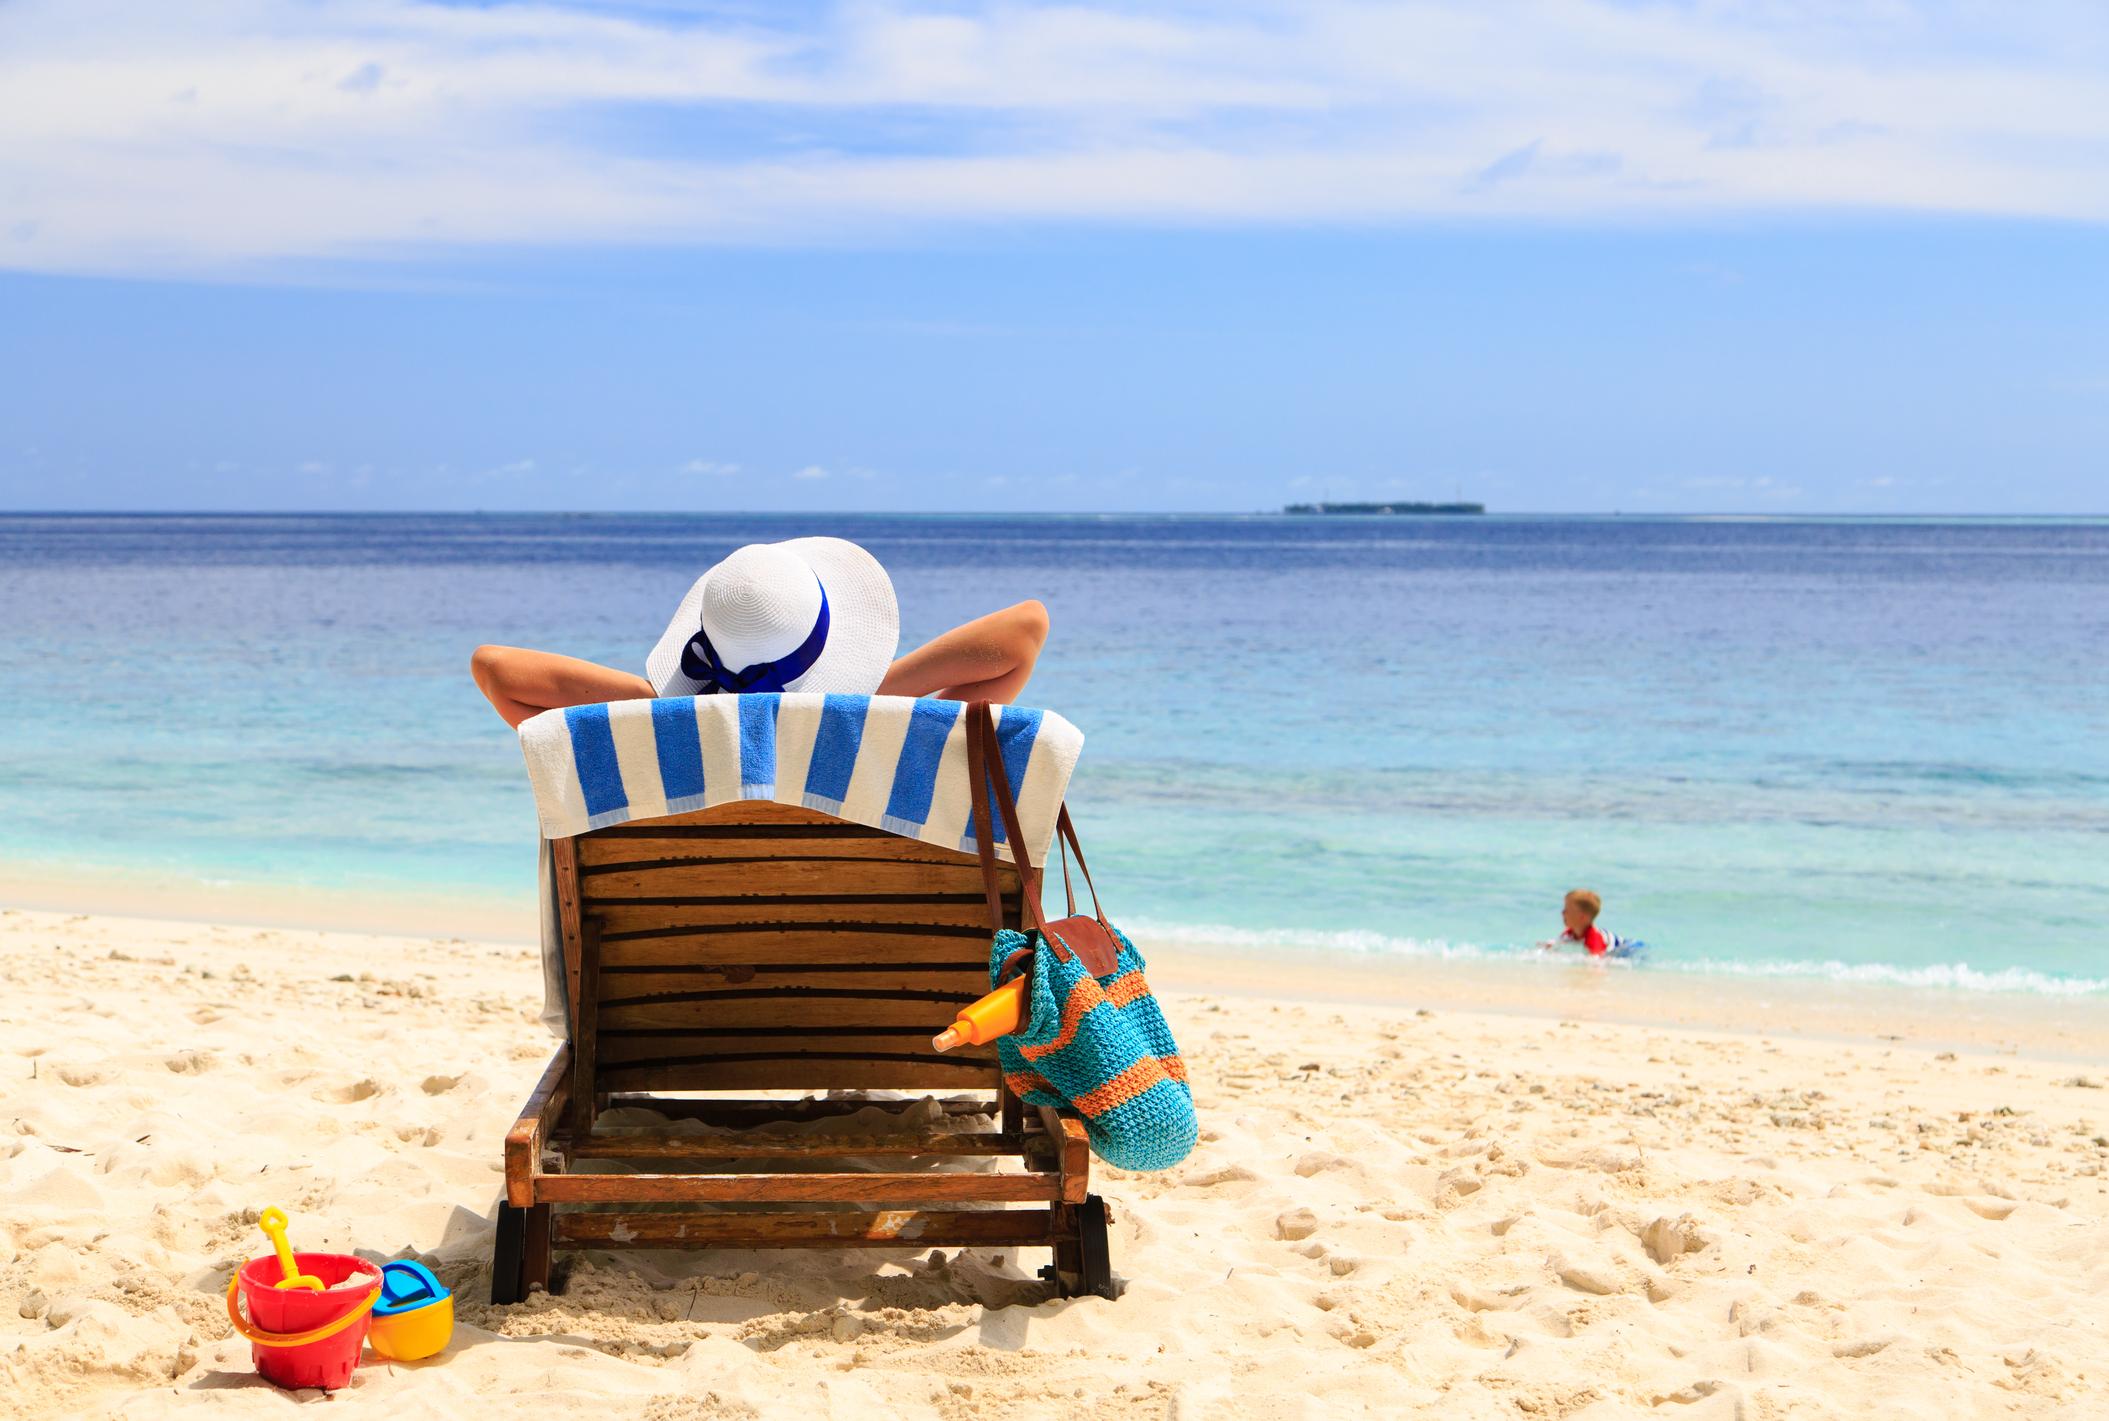 A woman sitting in a beach chair on a beach.